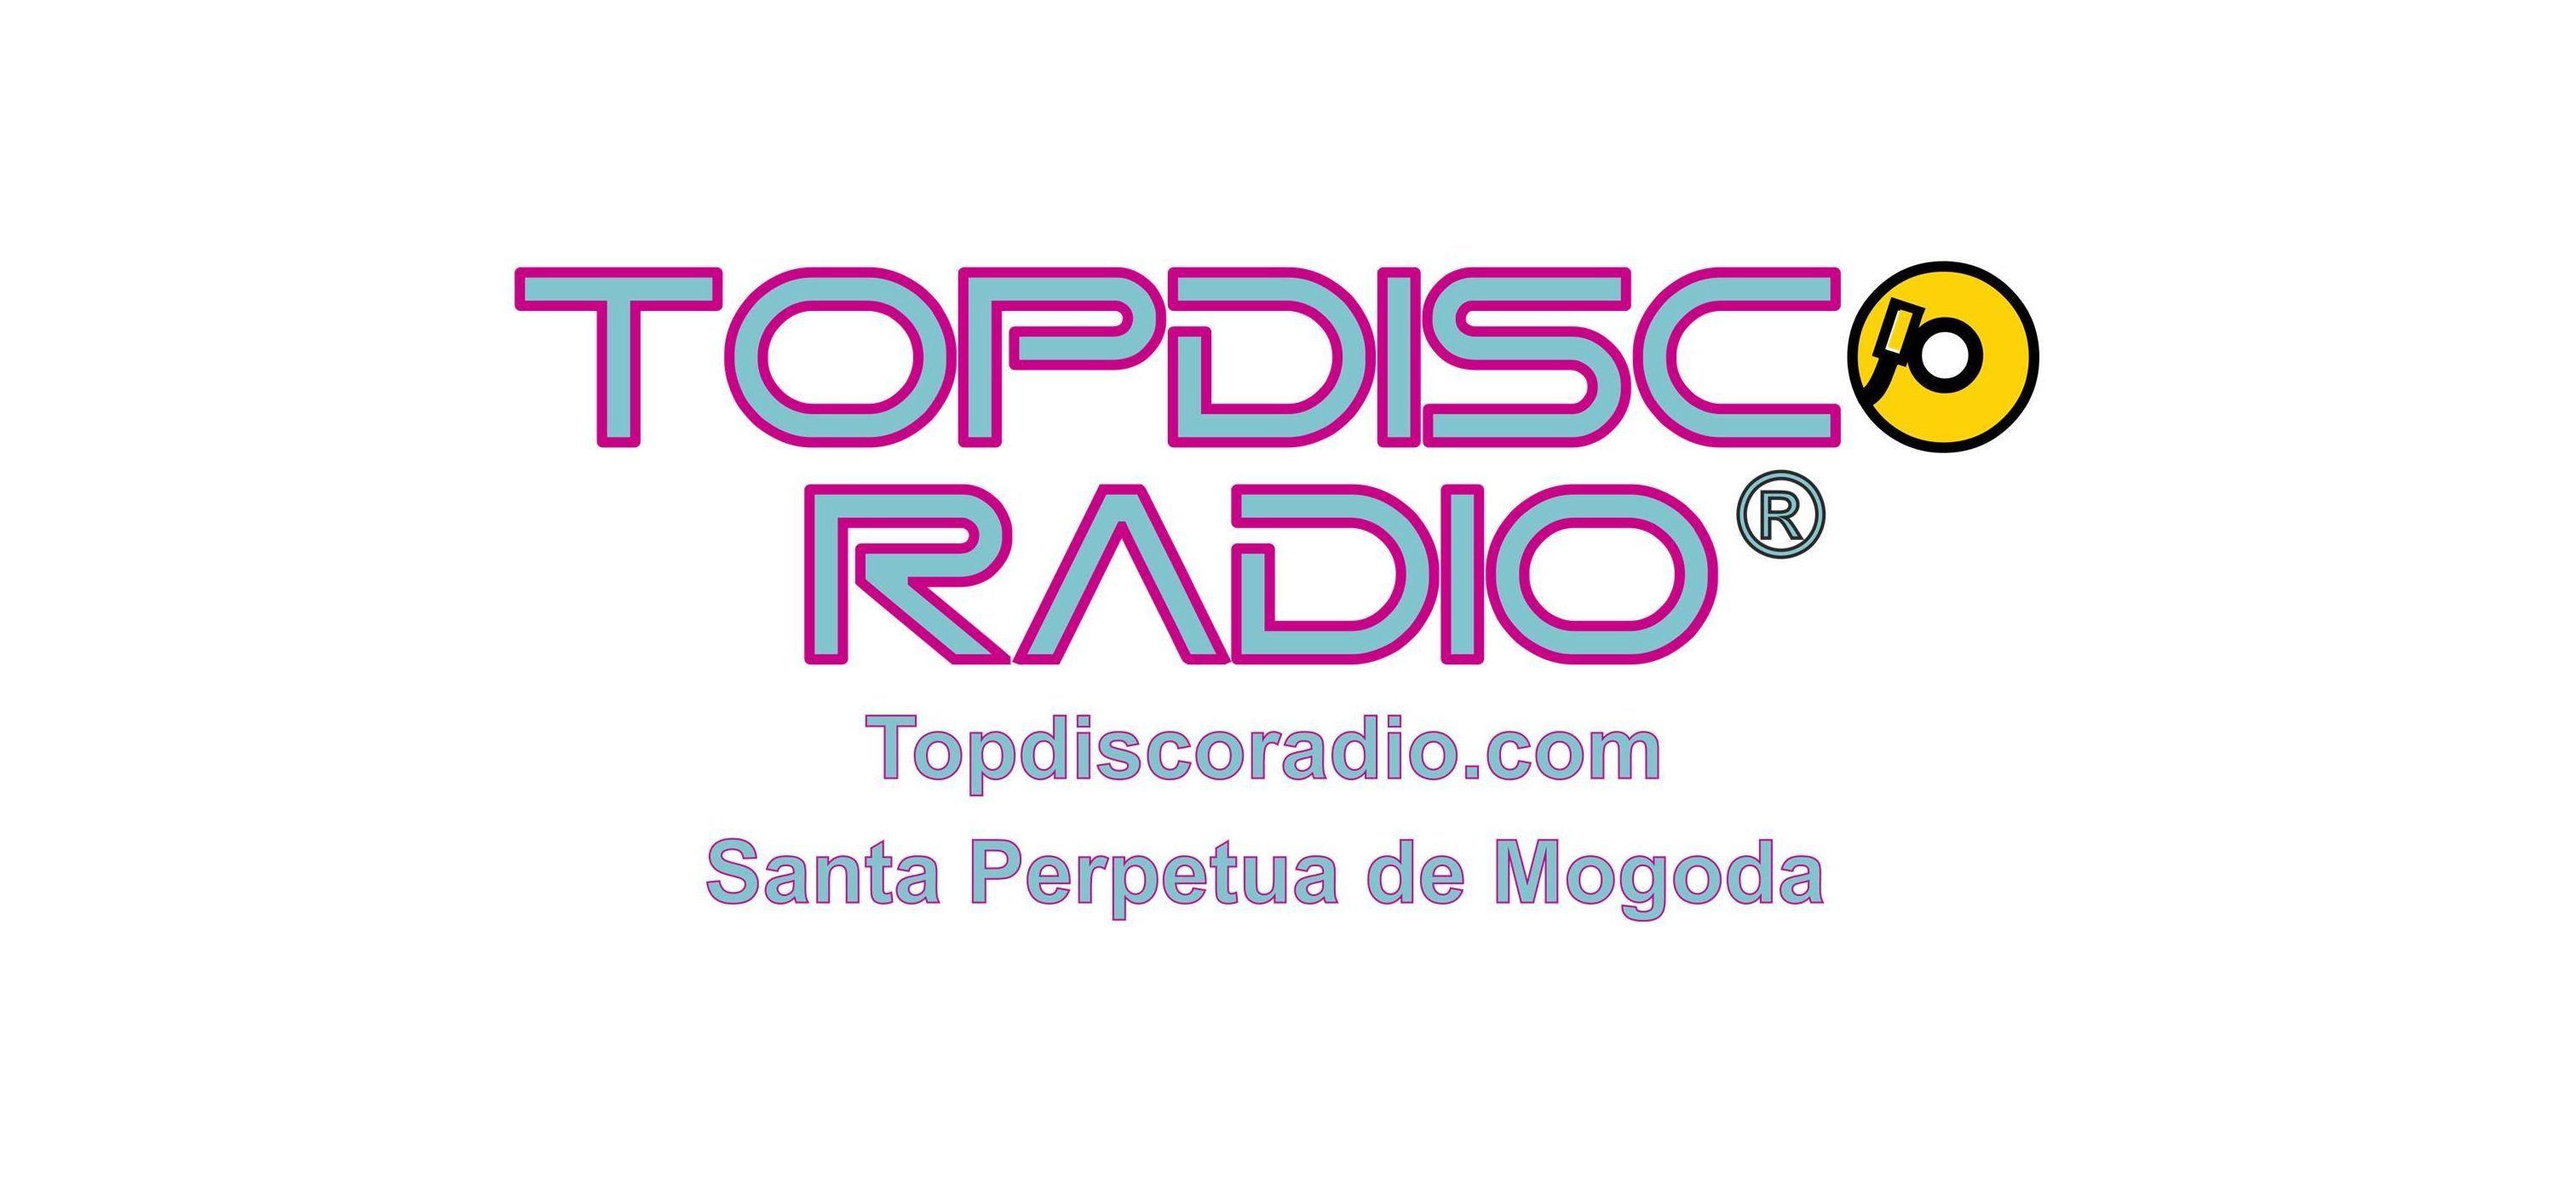 TOPDISCO RADIO